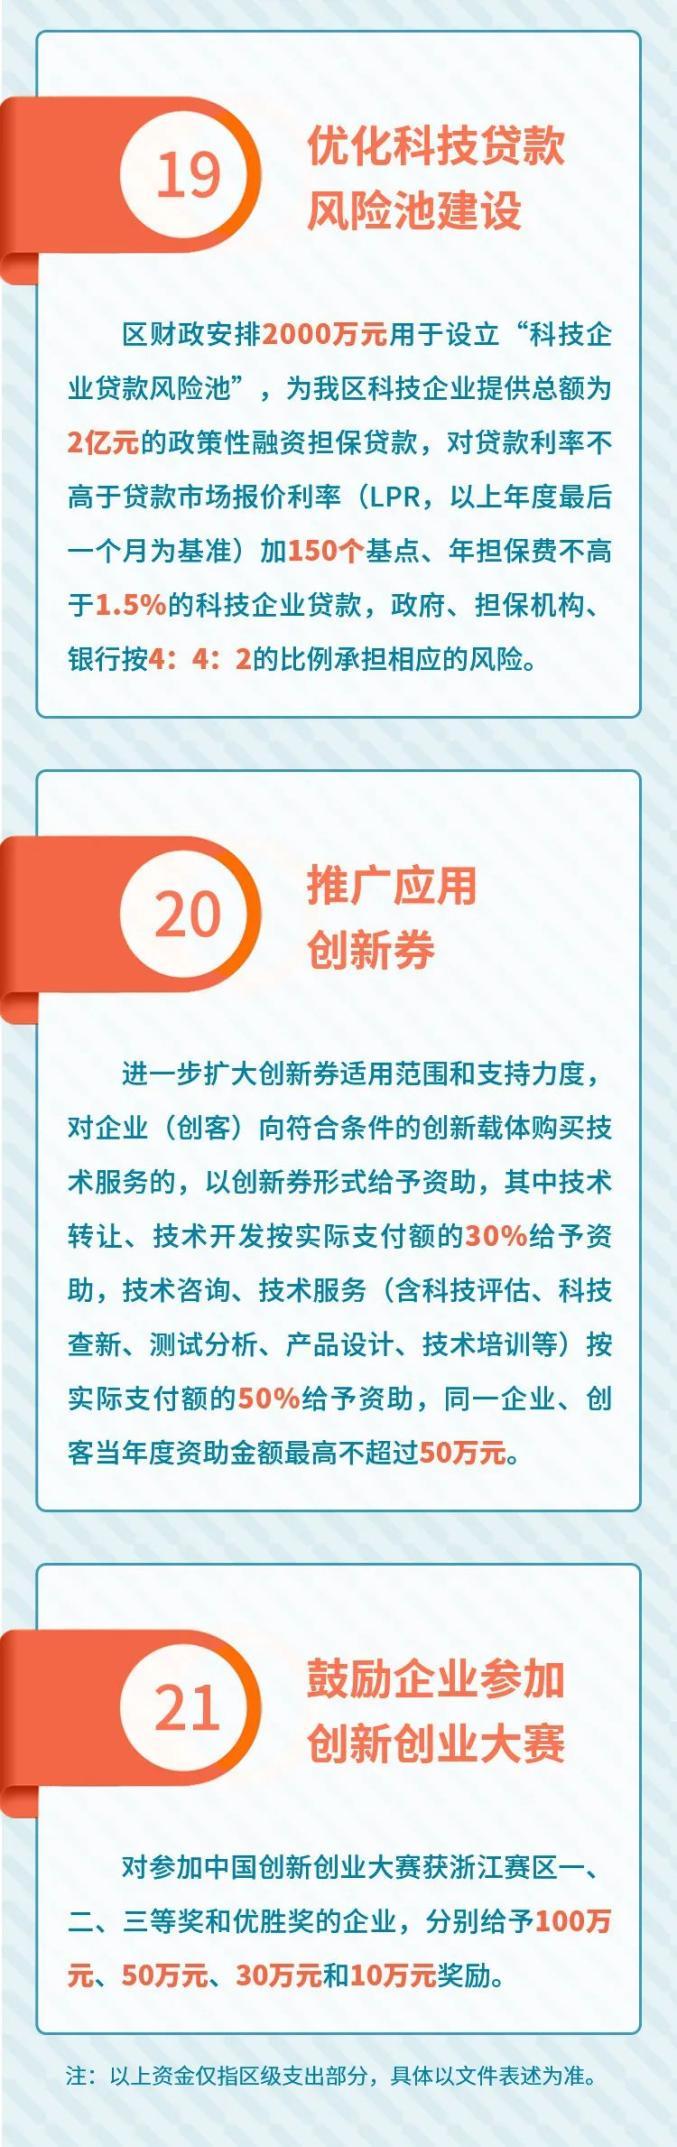 """萧山出台创新发展""""21条""""新政,凝聚科技创新强大动能!送出这些""""福利""""~"""